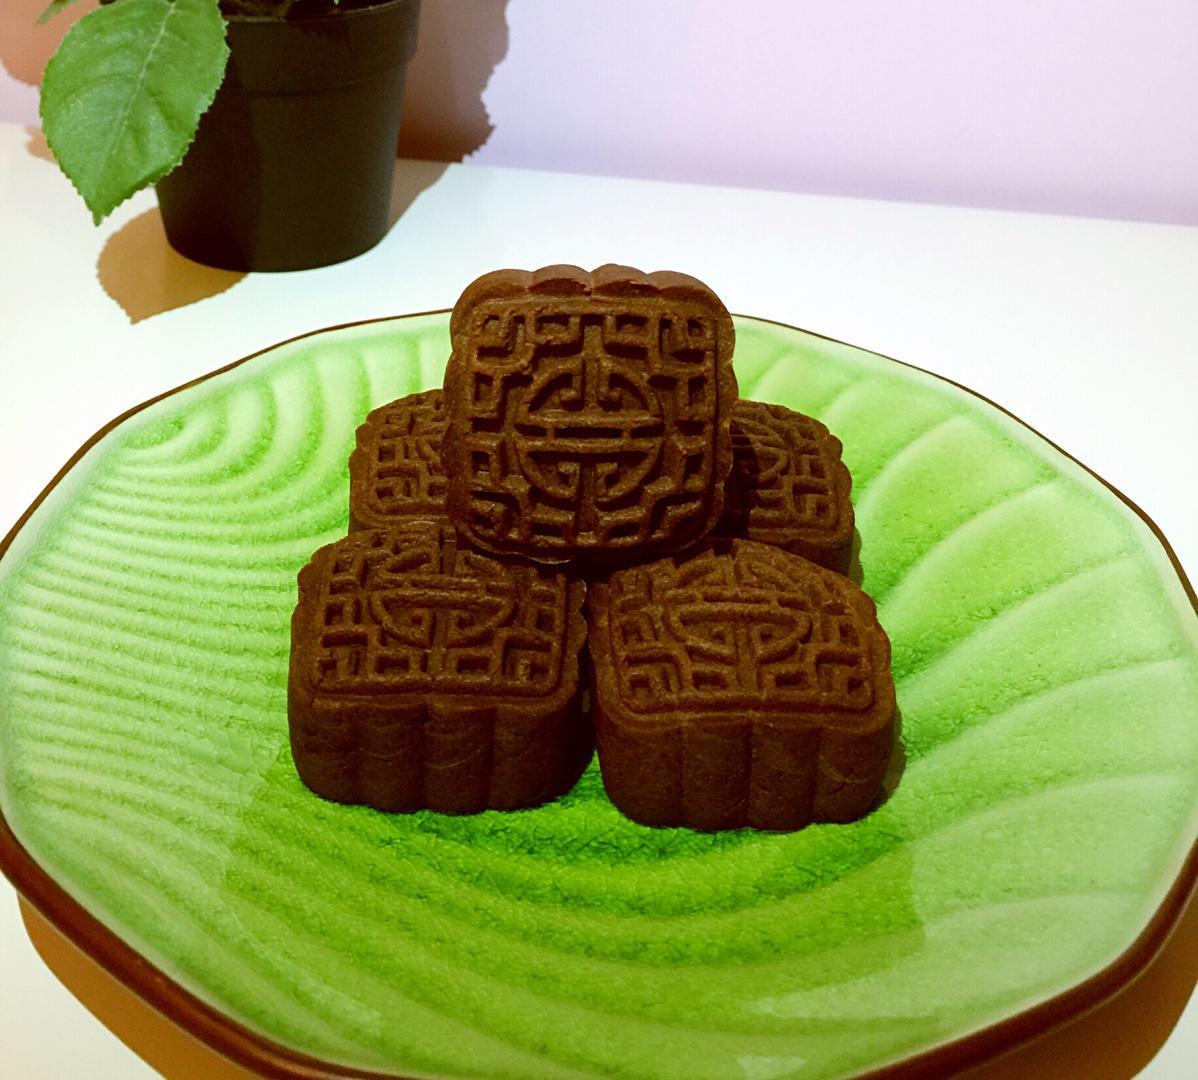 好吃的巧克力月饼的做法